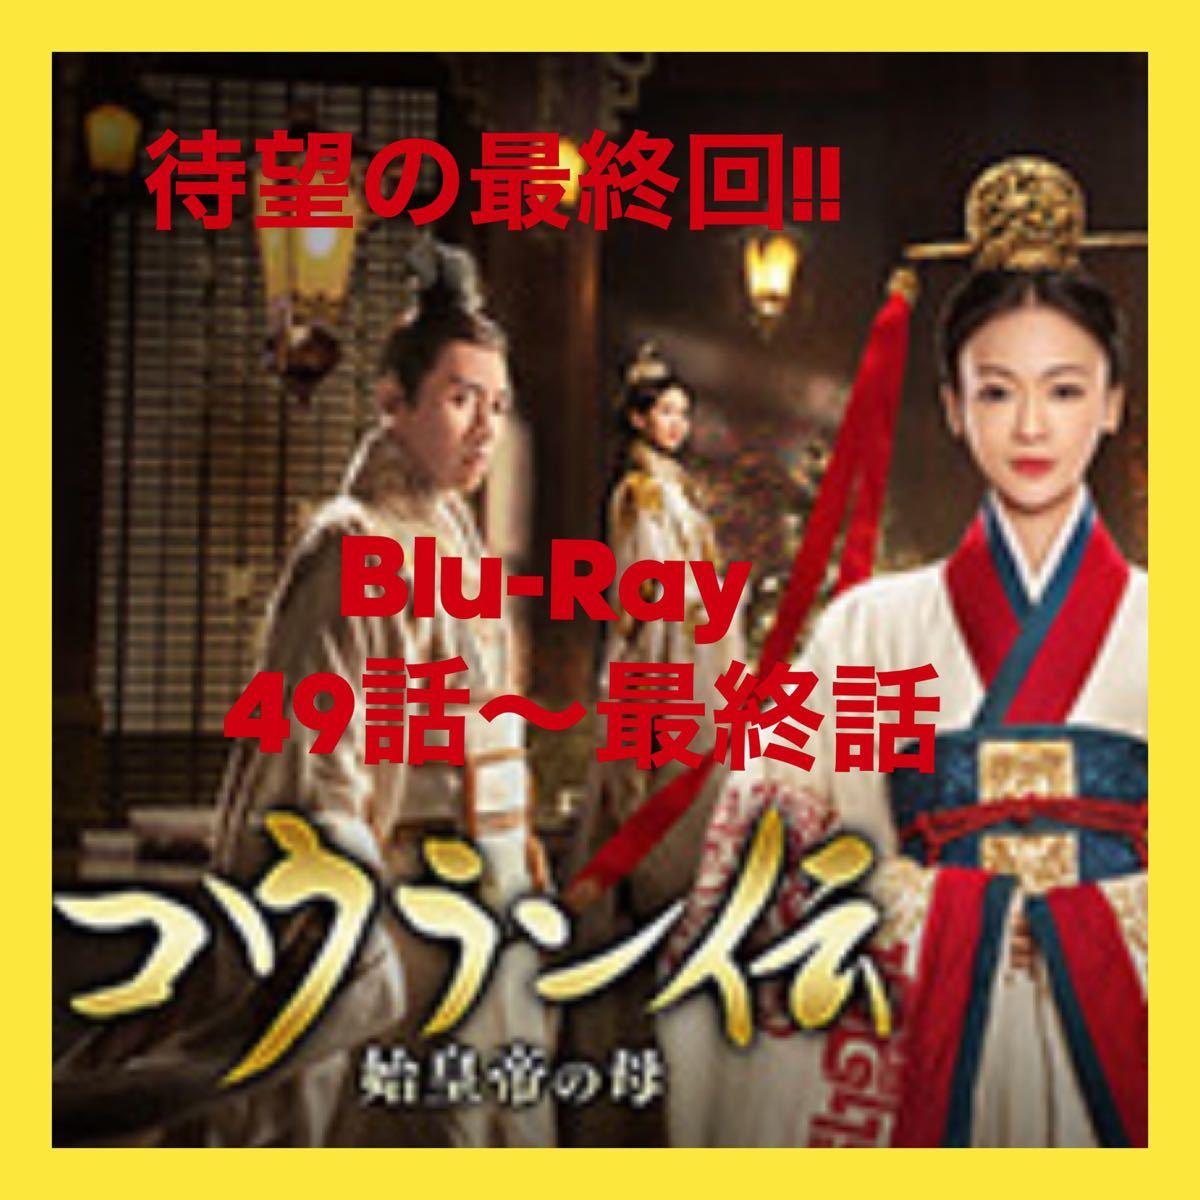 中国ドラマ コウラン伝 49話から最終話  Blu-Ray 画質良